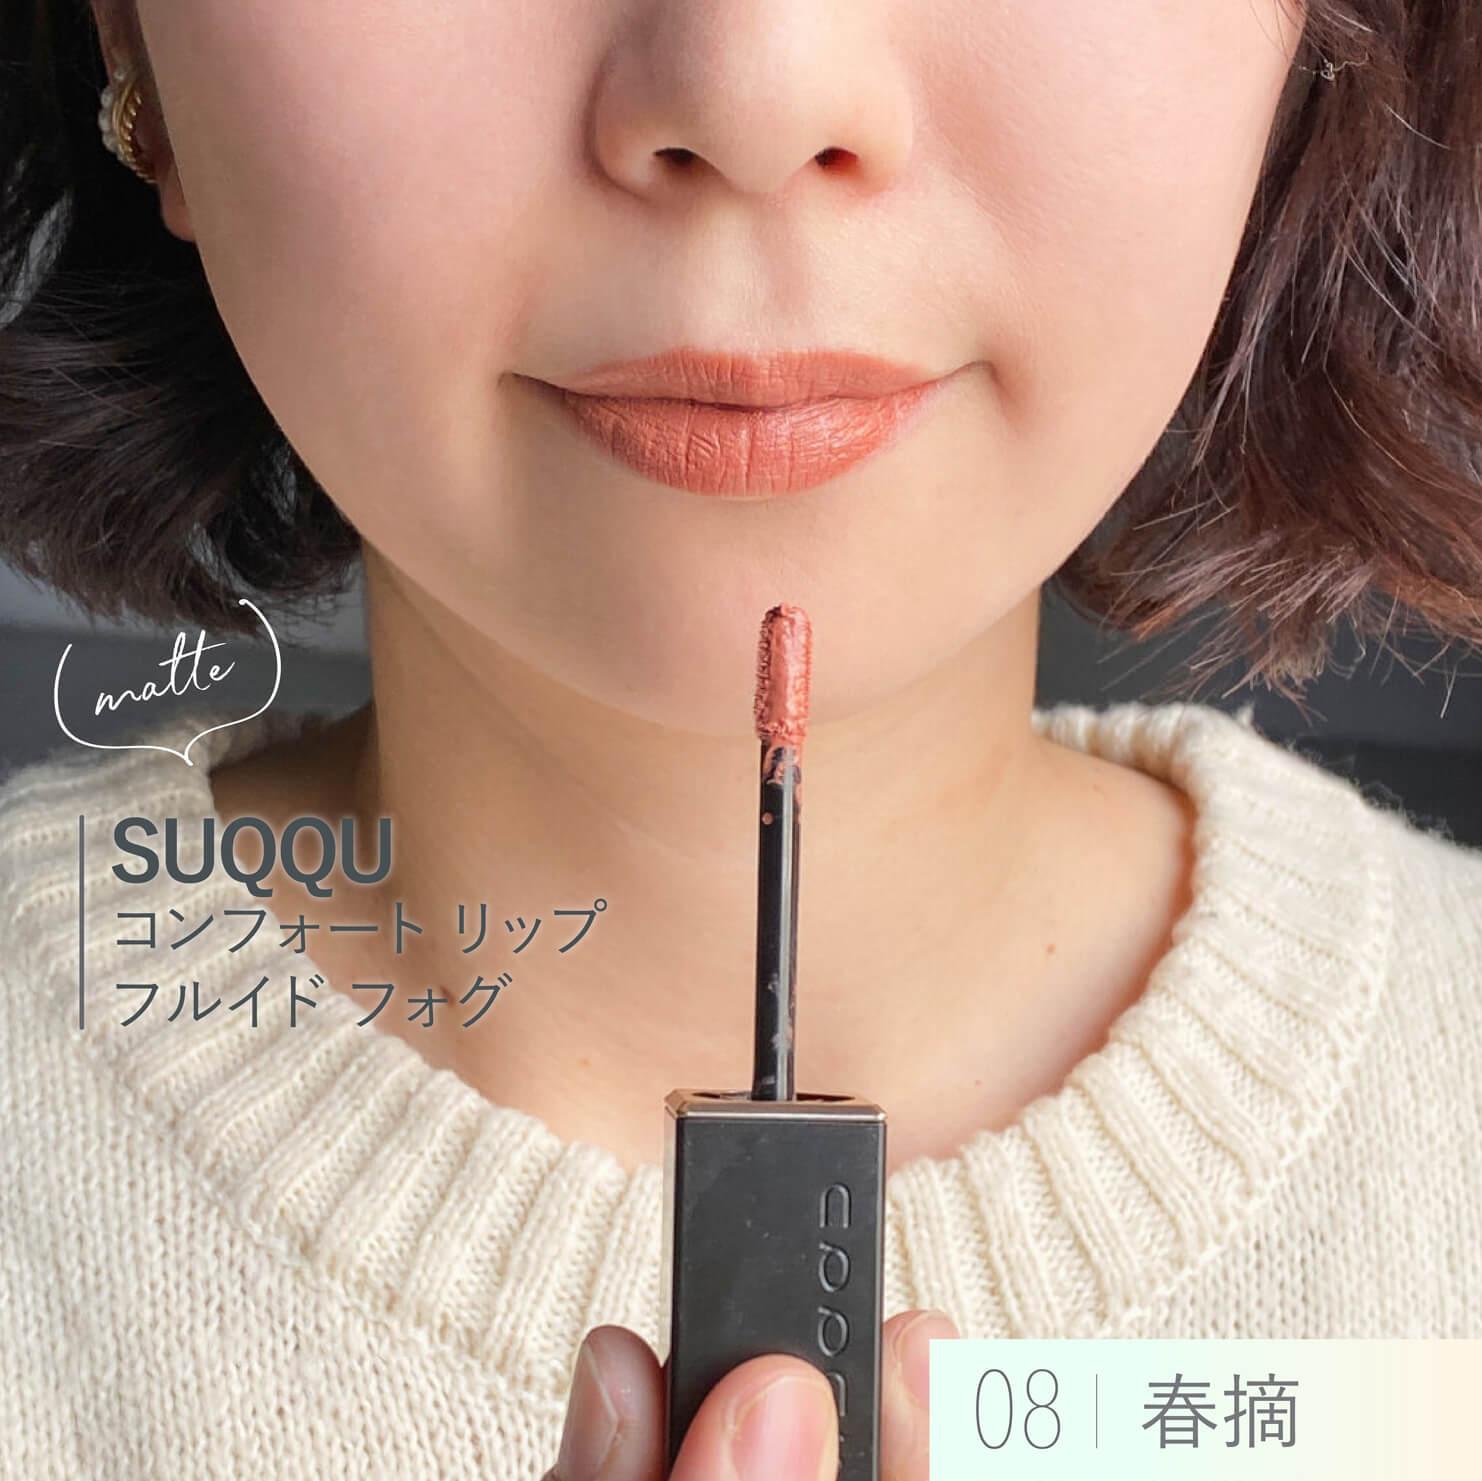 SUQQU コンフォート リップ フルイド フォグ 【08 春摘】をお試し